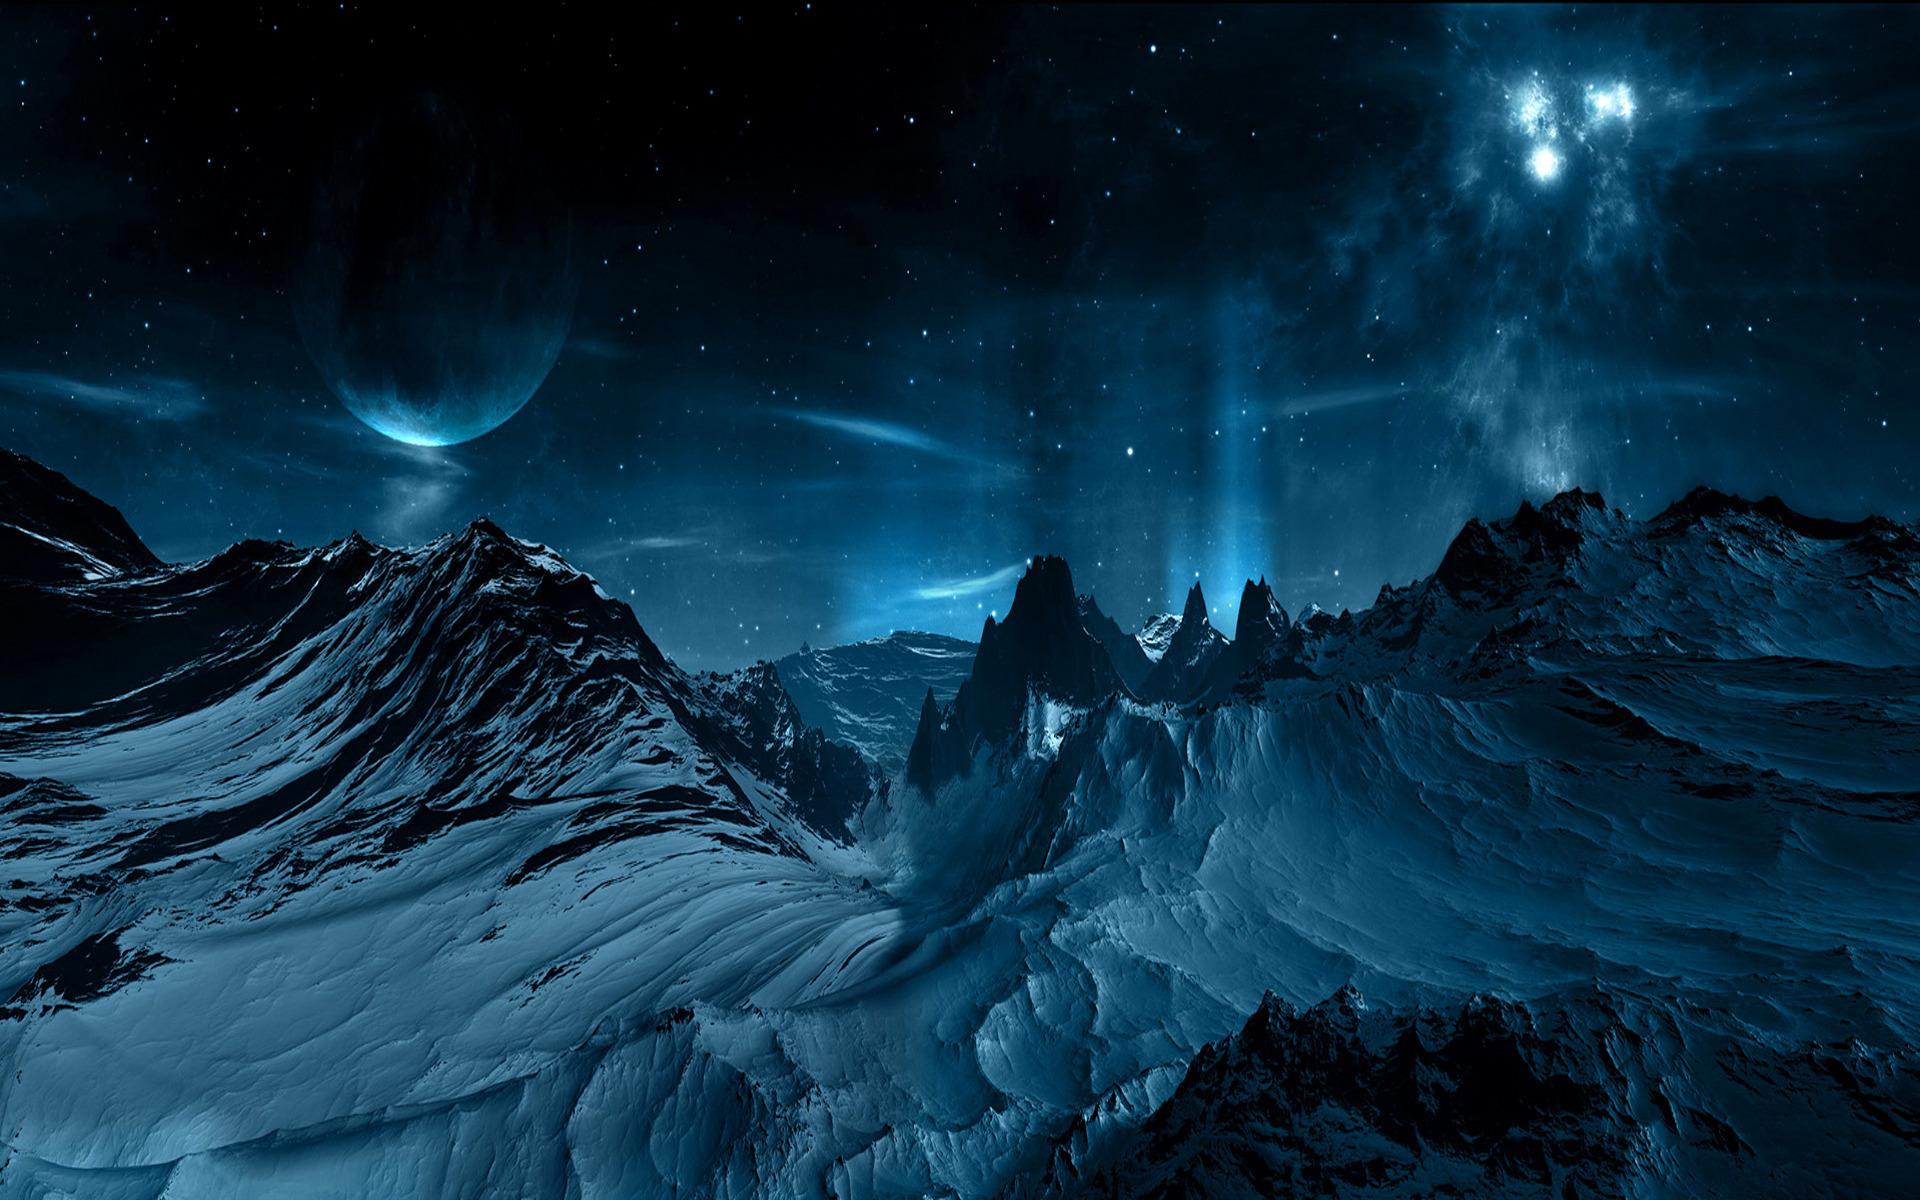 31332 скачать Синие обои на телефон бесплатно, Пейзаж, Планеты, Космос, Горы Синие картинки и заставки на мобильный